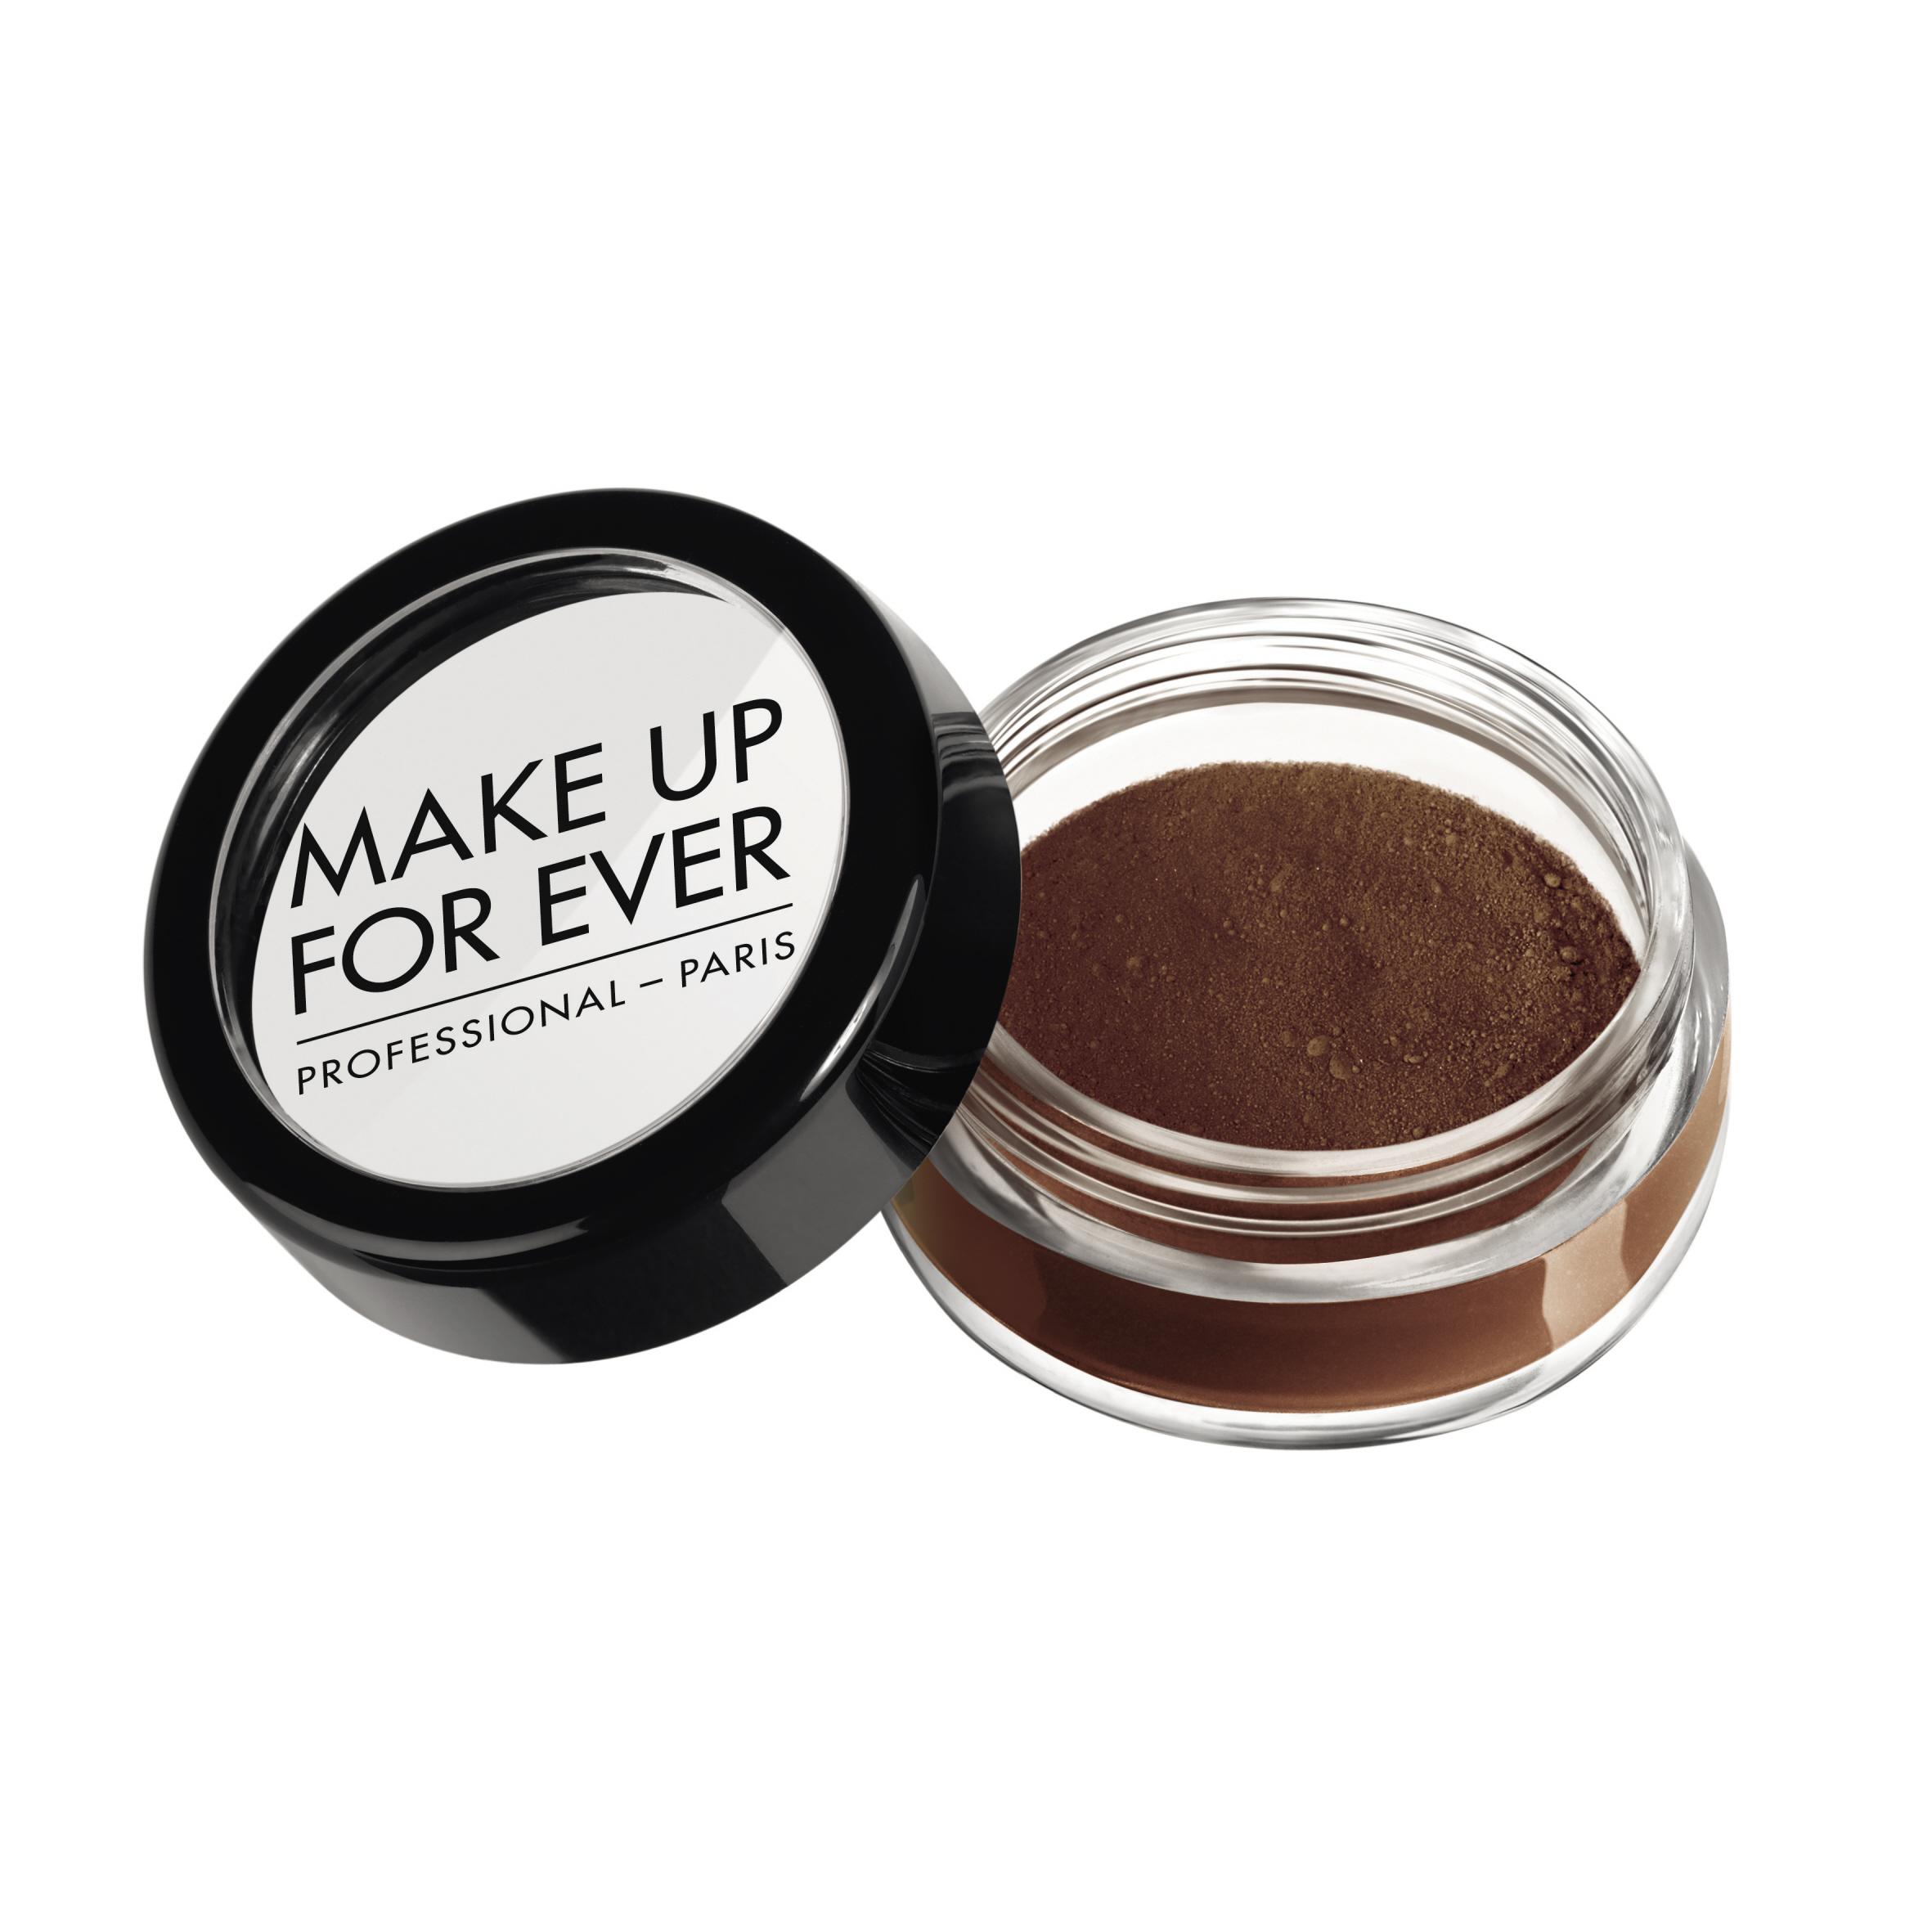 Натуральный пигмент / Pure Pigments (not mixed) 5 г (23 Коричневый) Make Up For Ever